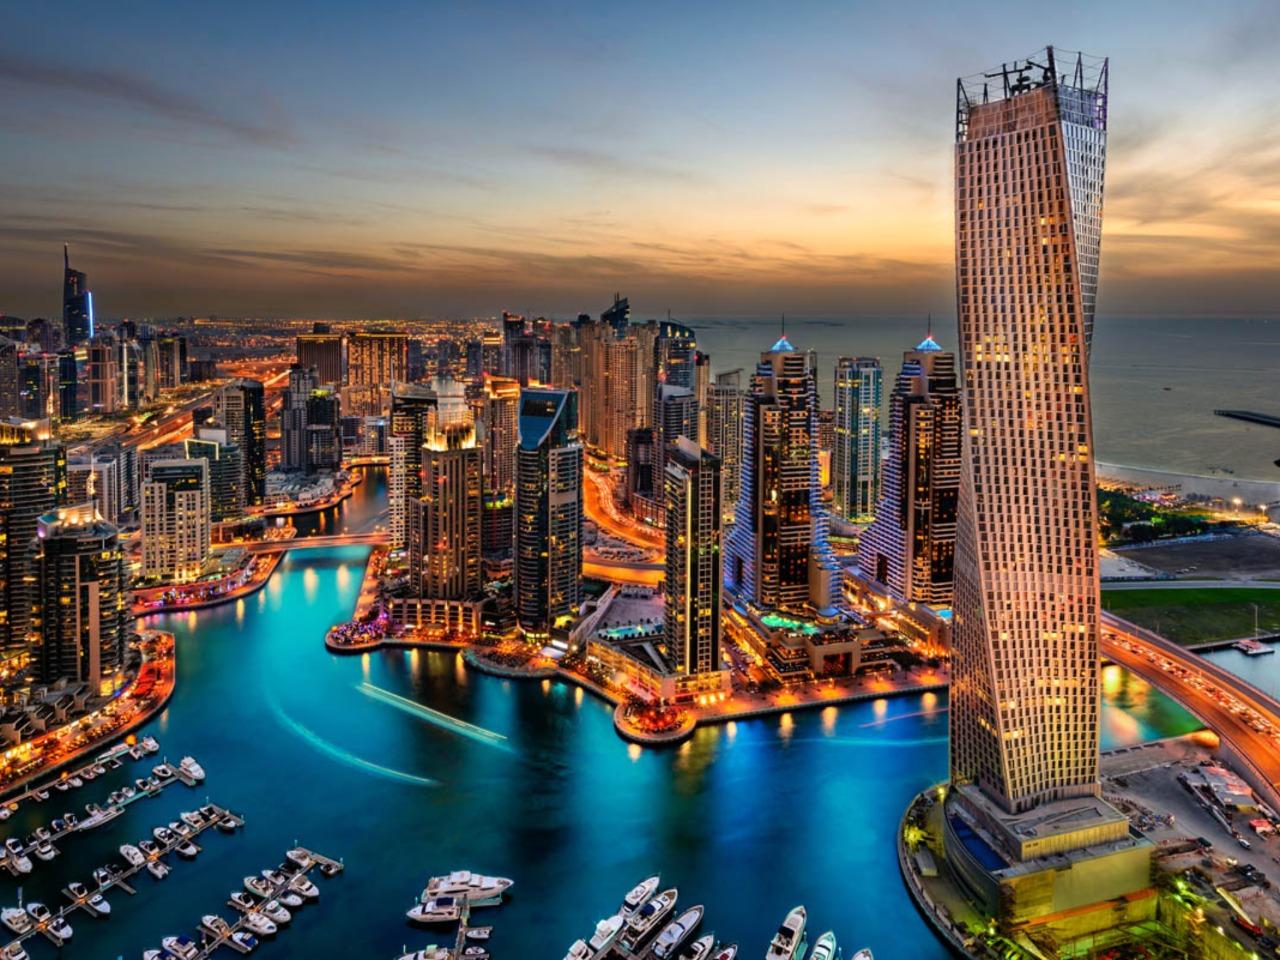 Ужин на Арабском судне Доу - групповая экскурсия в Дубае от опытного гида